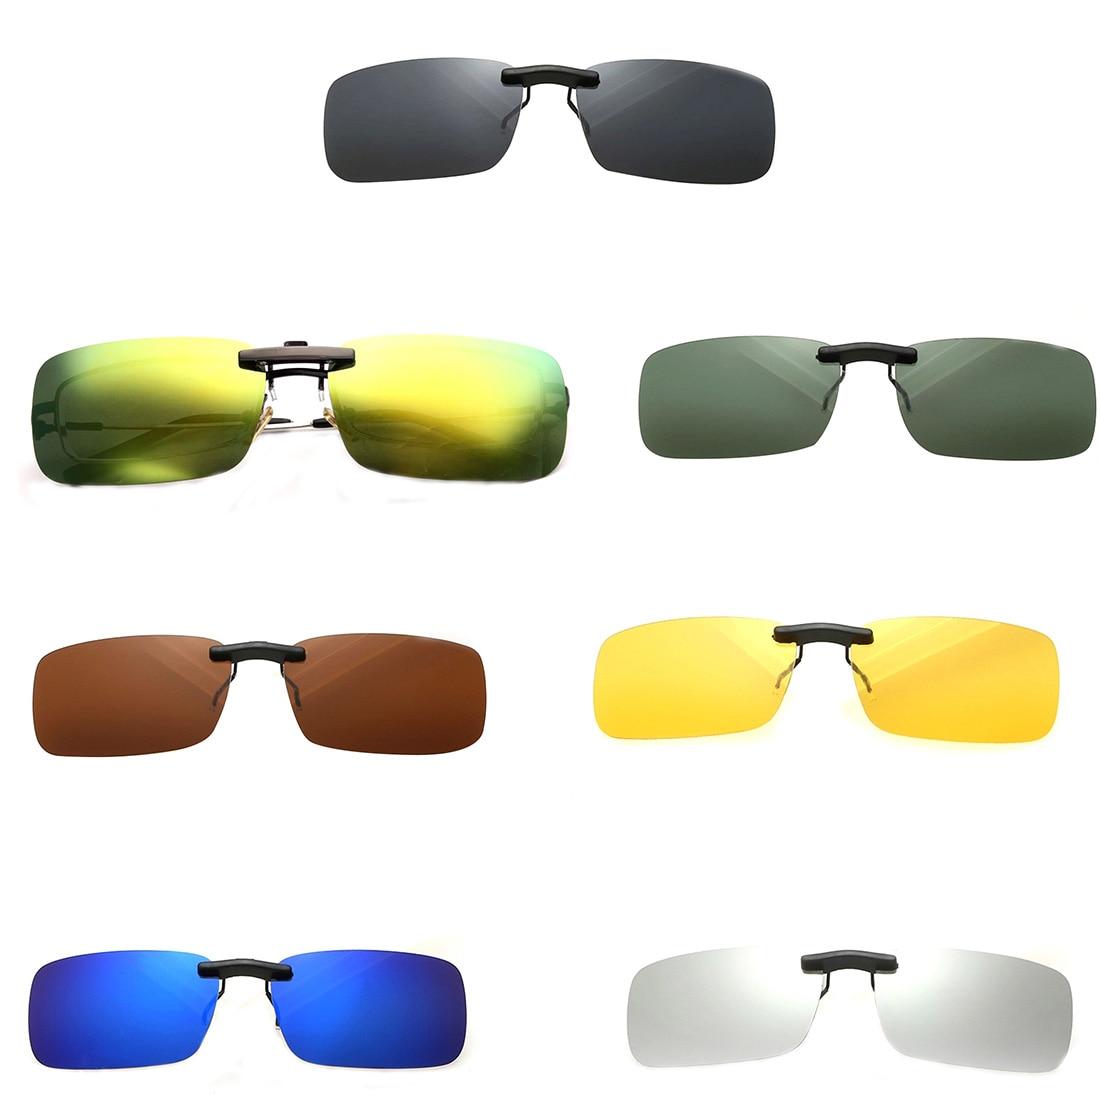 17c78bae175b7 Cor de lente de óculos pra pesca em represa - Acessórios de Pesca e ...